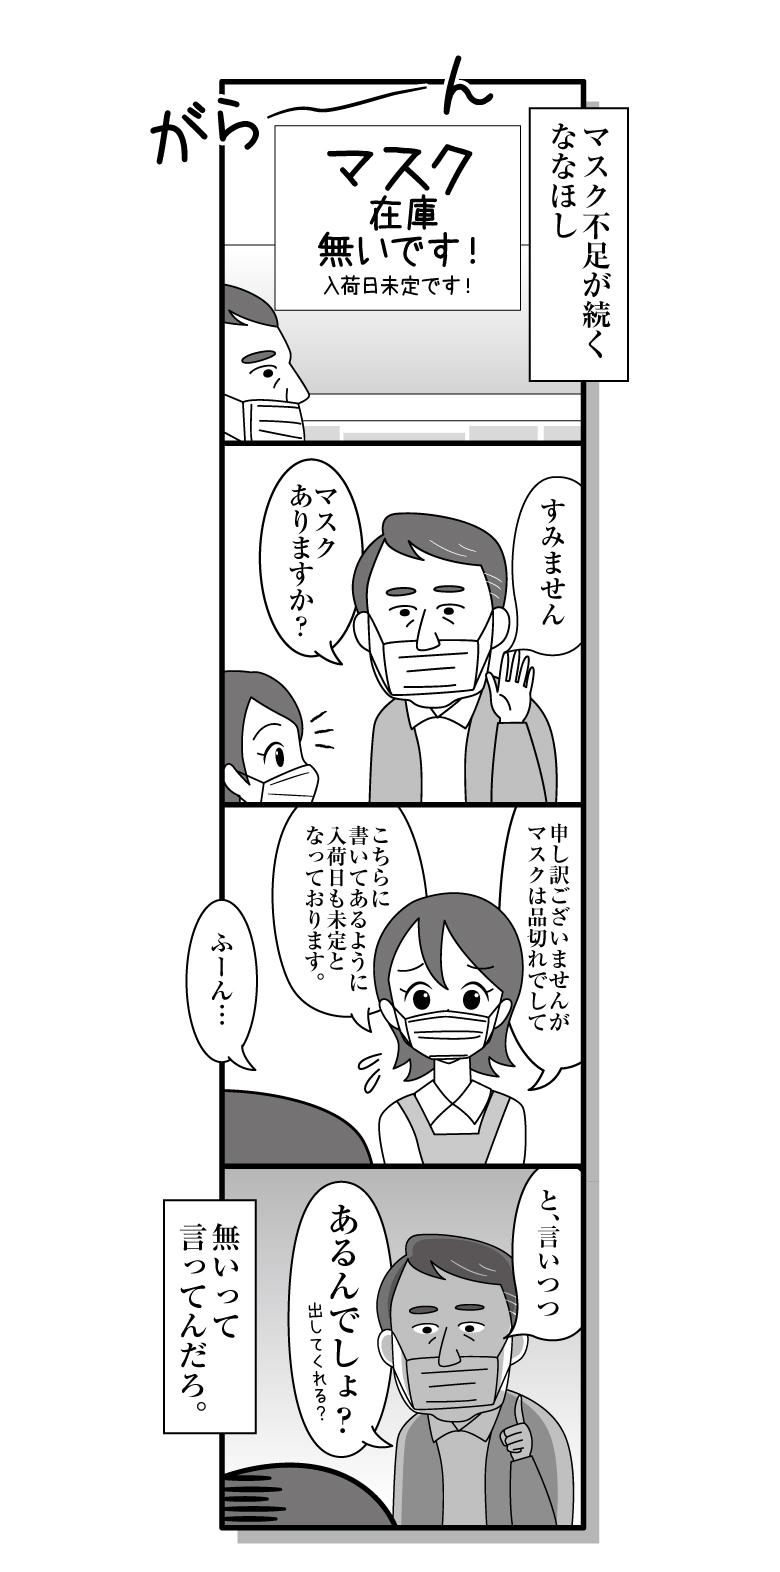 200418_manga